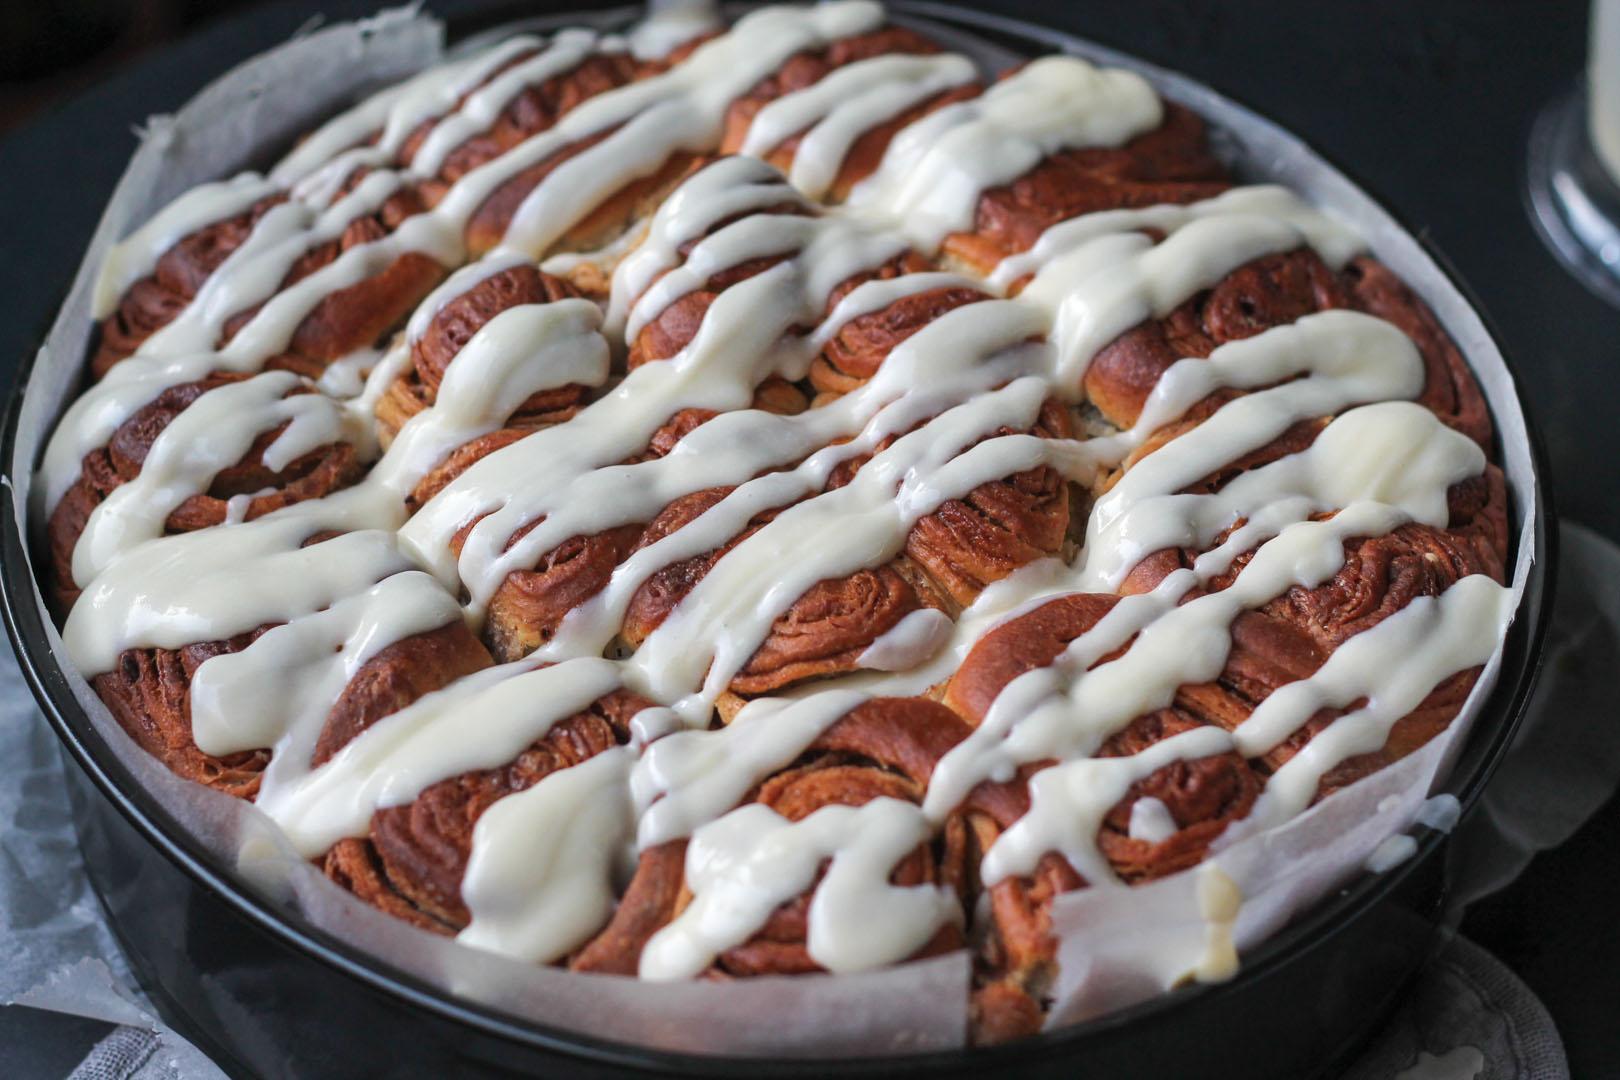 Für das Frosting die Butter in einem Topf schmelzen und den Frischkäse unterrühren. Puder-, und Vanillezucker unter Rühren hinzugeben und wenn die Zimtschnecken noch warm sind, das heiße Frosting gleichmäßig über die Schnecken verteilen. Wer mag, kann sie dann noch mit Nüssen bestreuen.